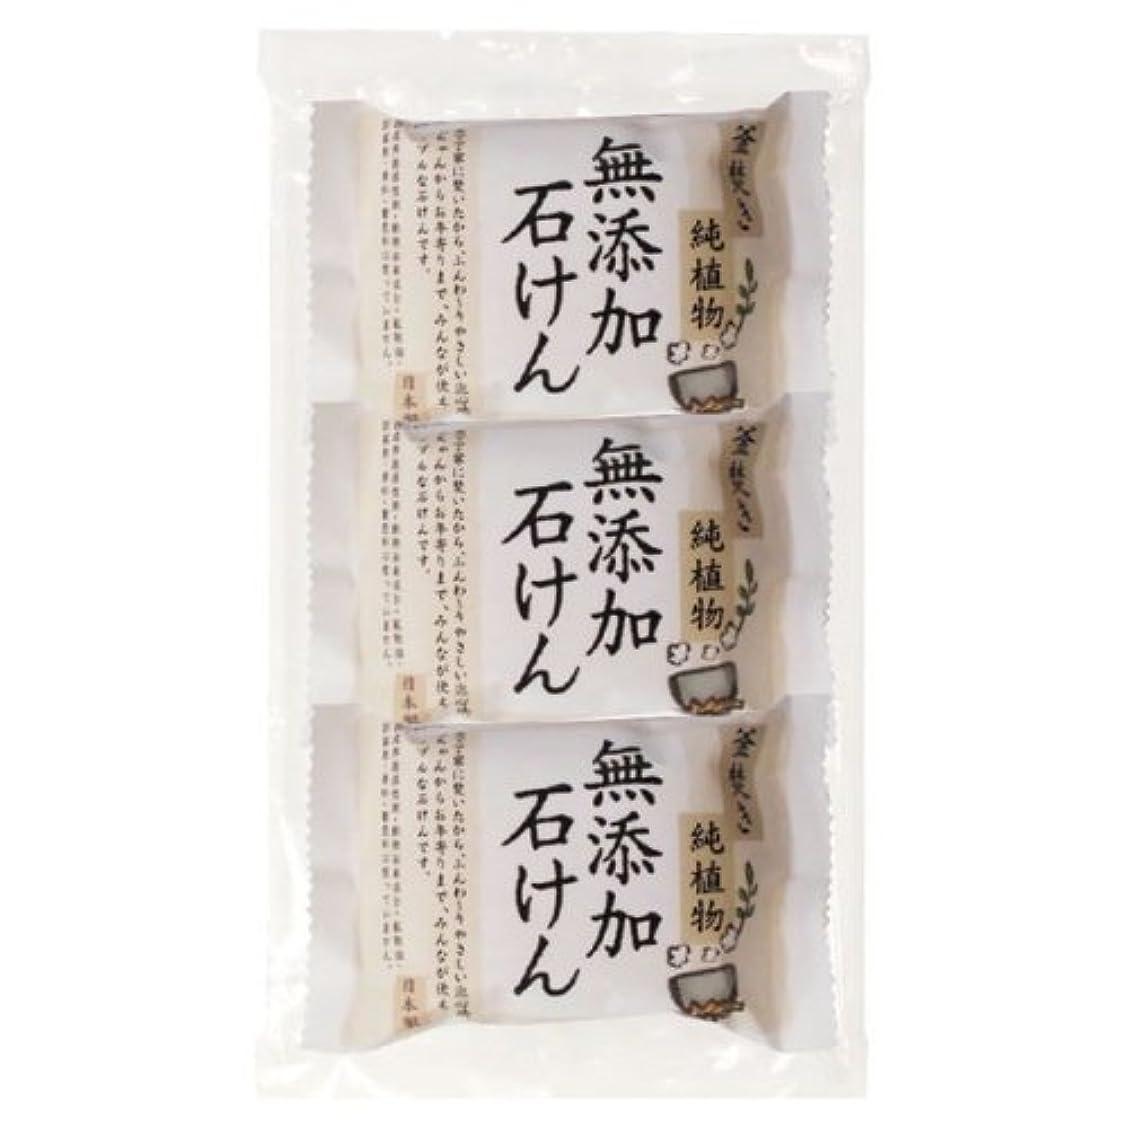 韓国病気の集める釜焚き純植物無添加石けん 85g×3個パック